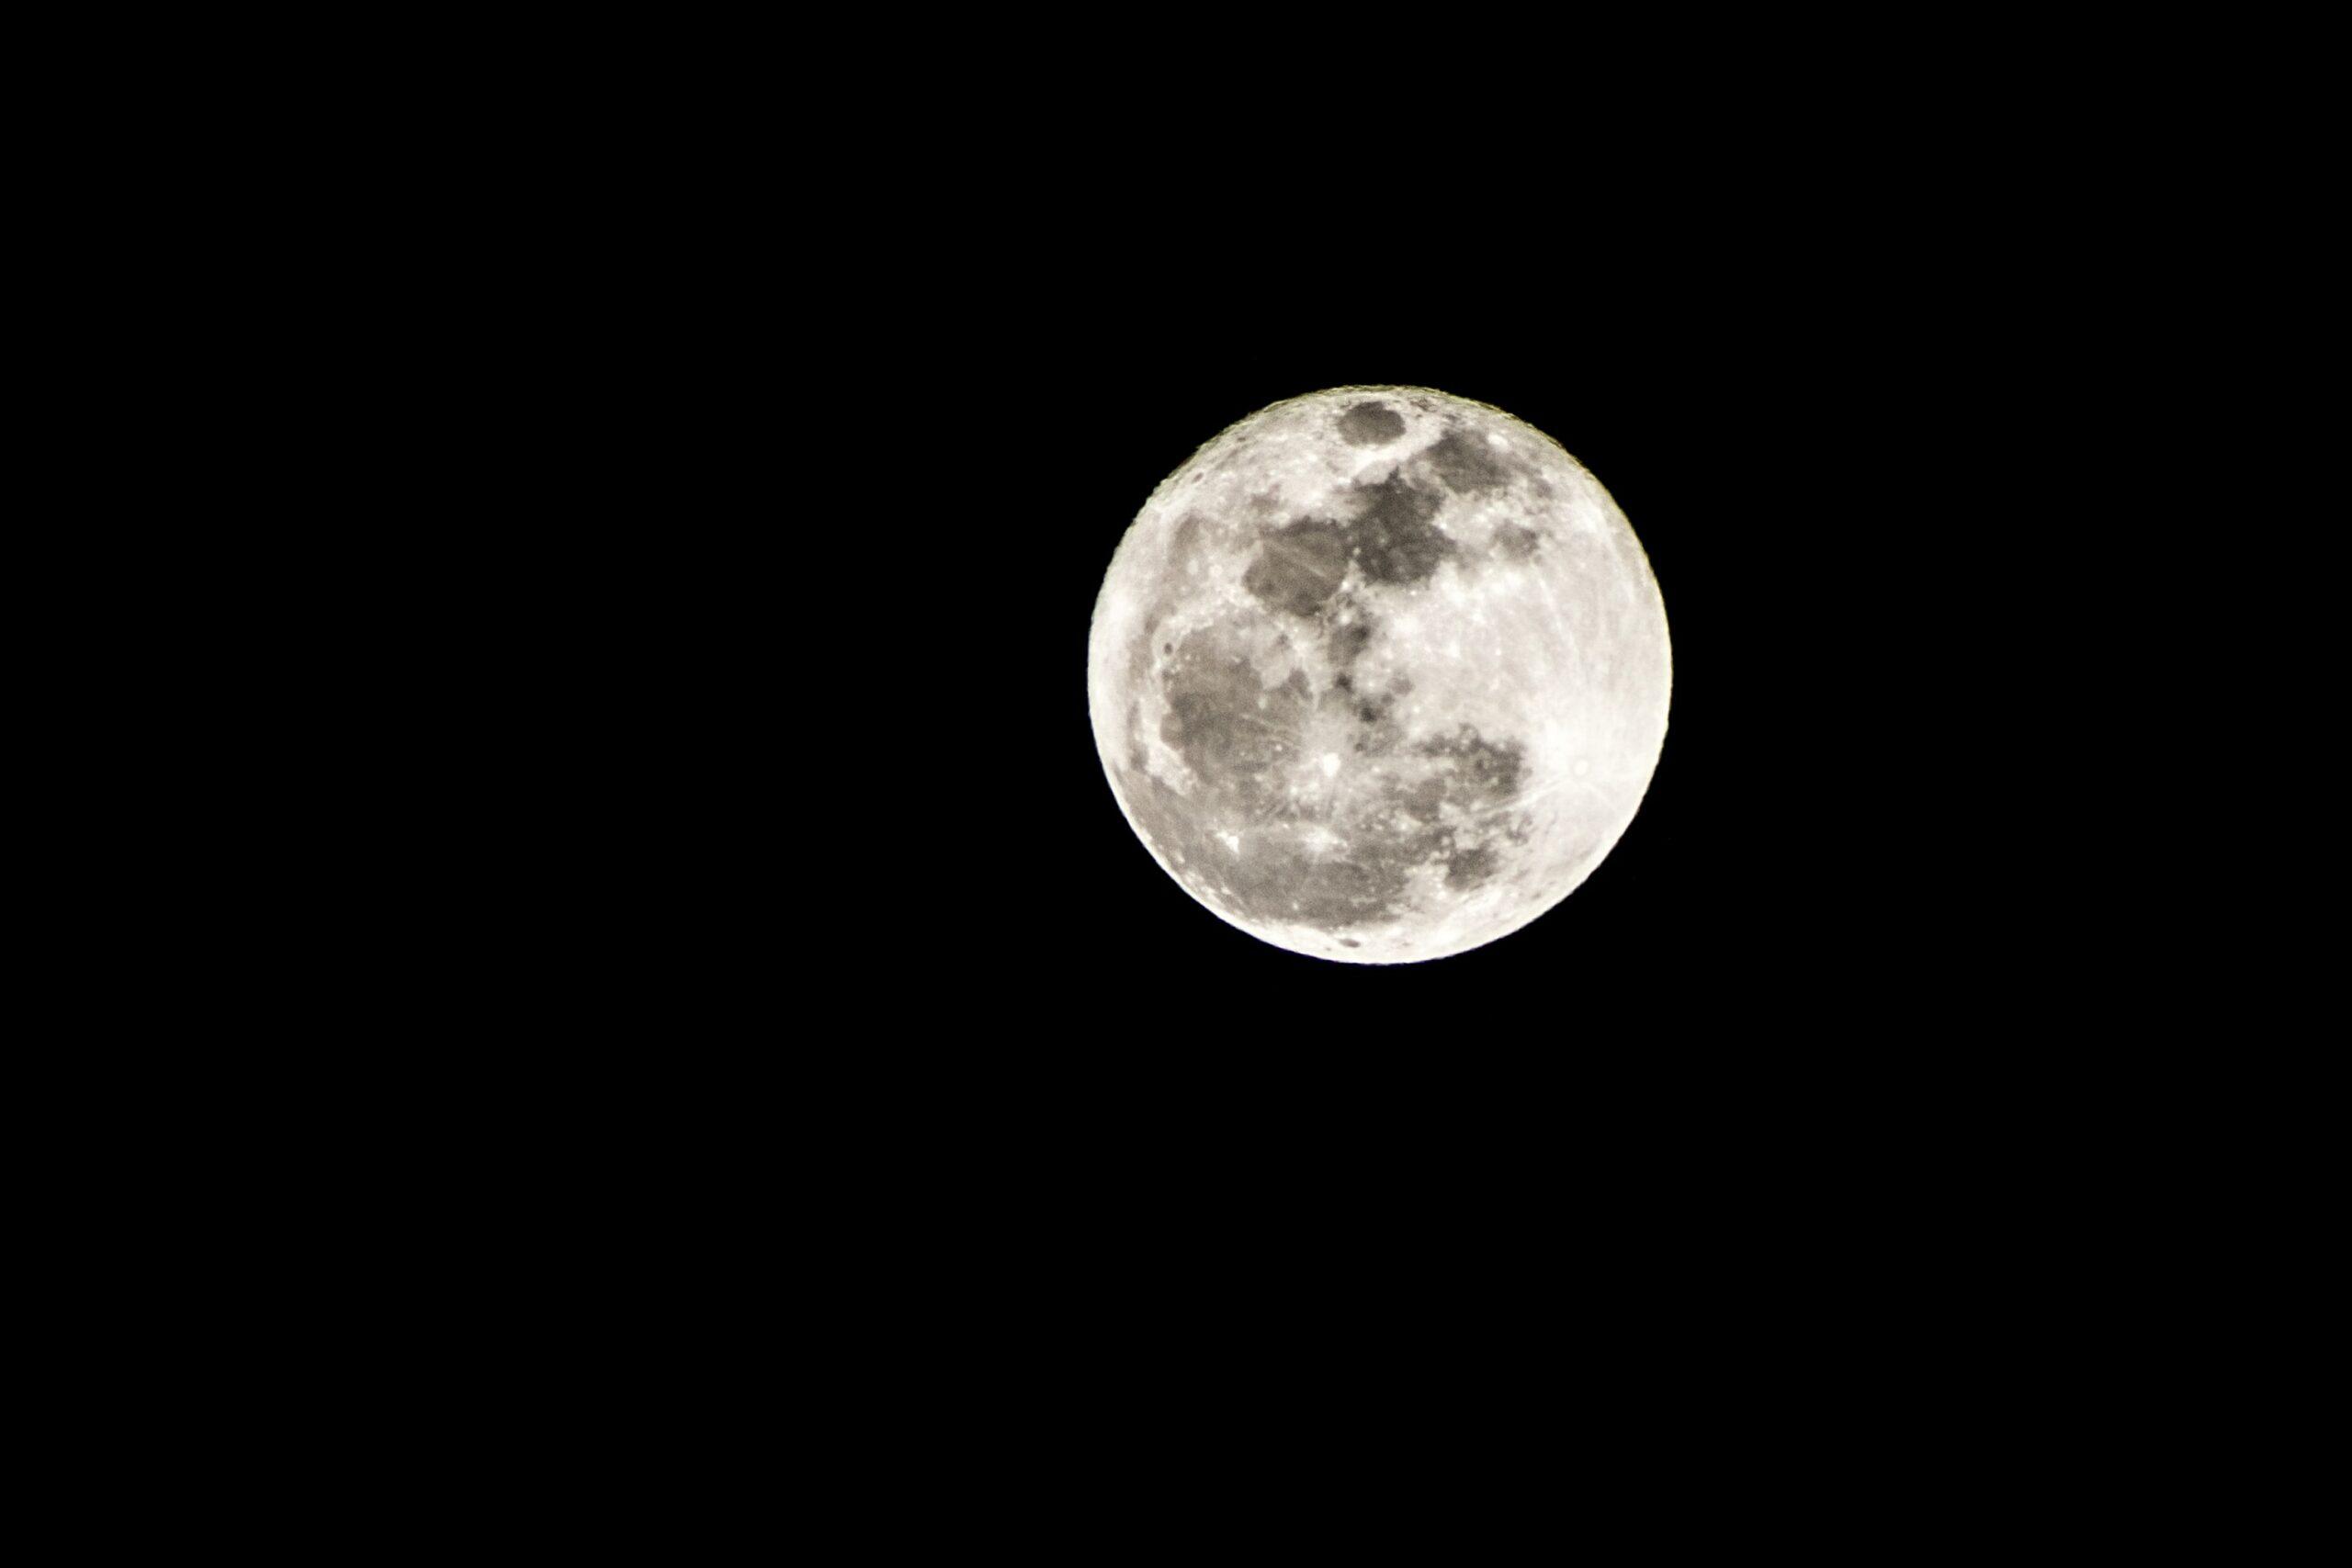 Ilmuwan Siapkan 'Lemari' Untuk Menyelamatkan Bumi Dari Kiamat di Bulan